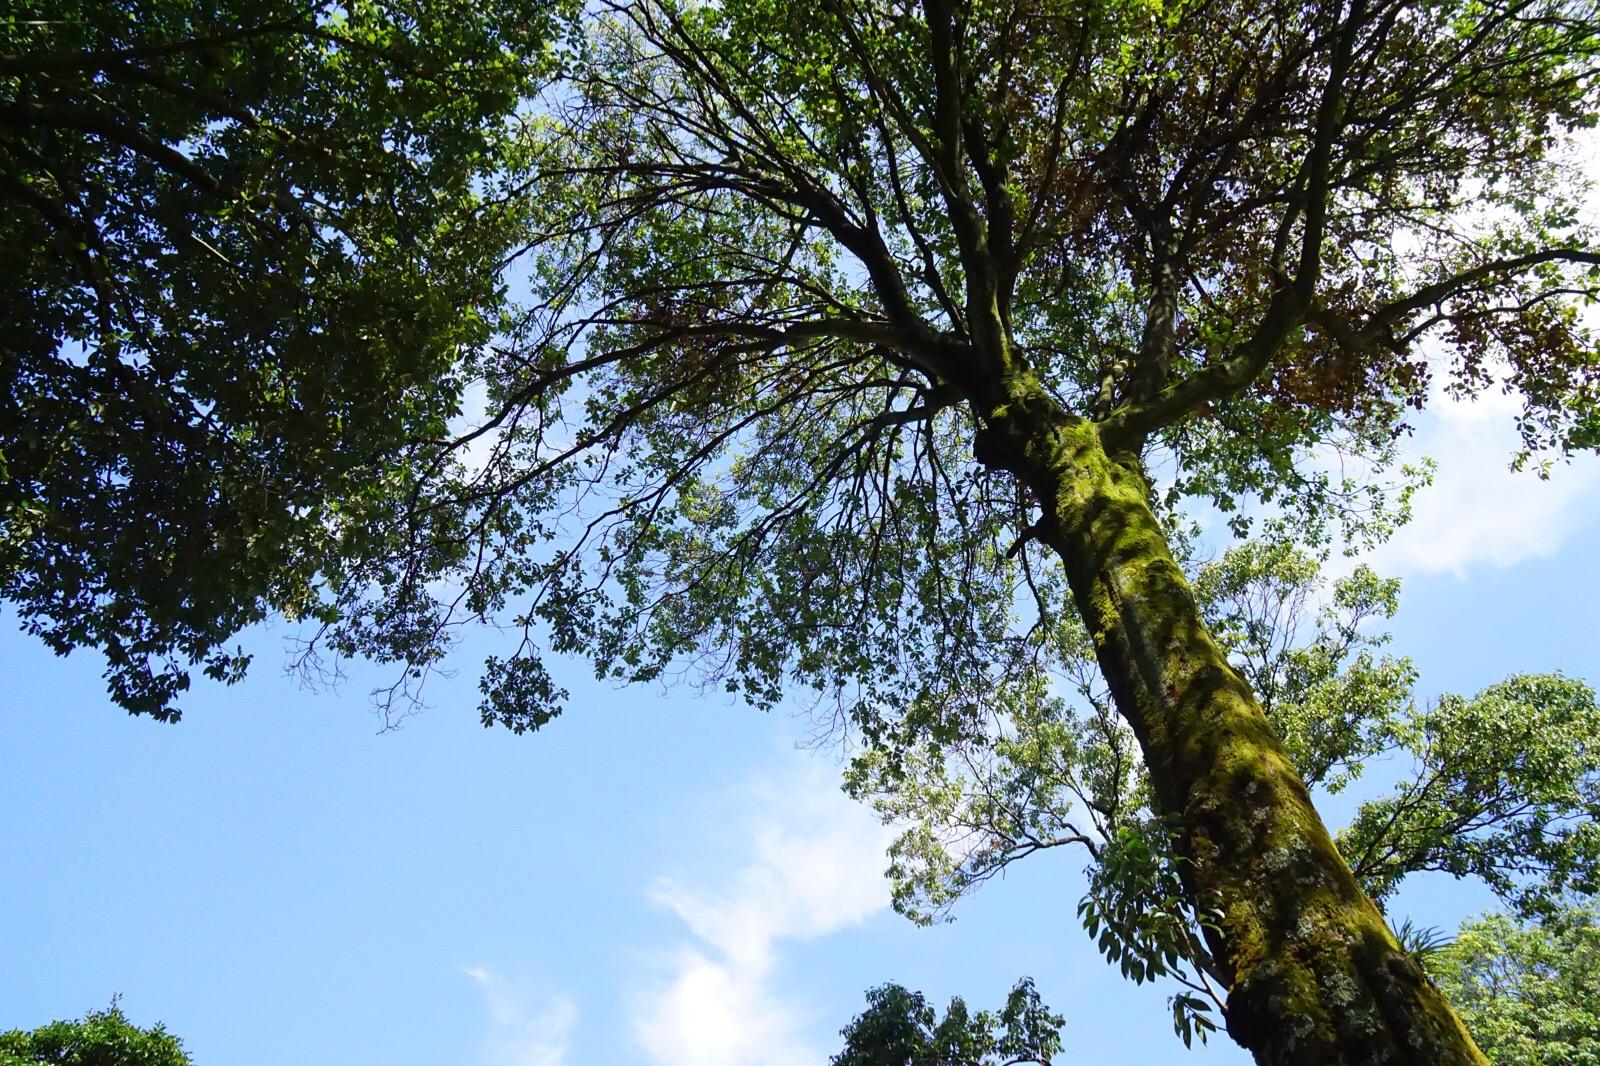 大きい木も多くて木陰から絶景を眺めながら休むことができます。